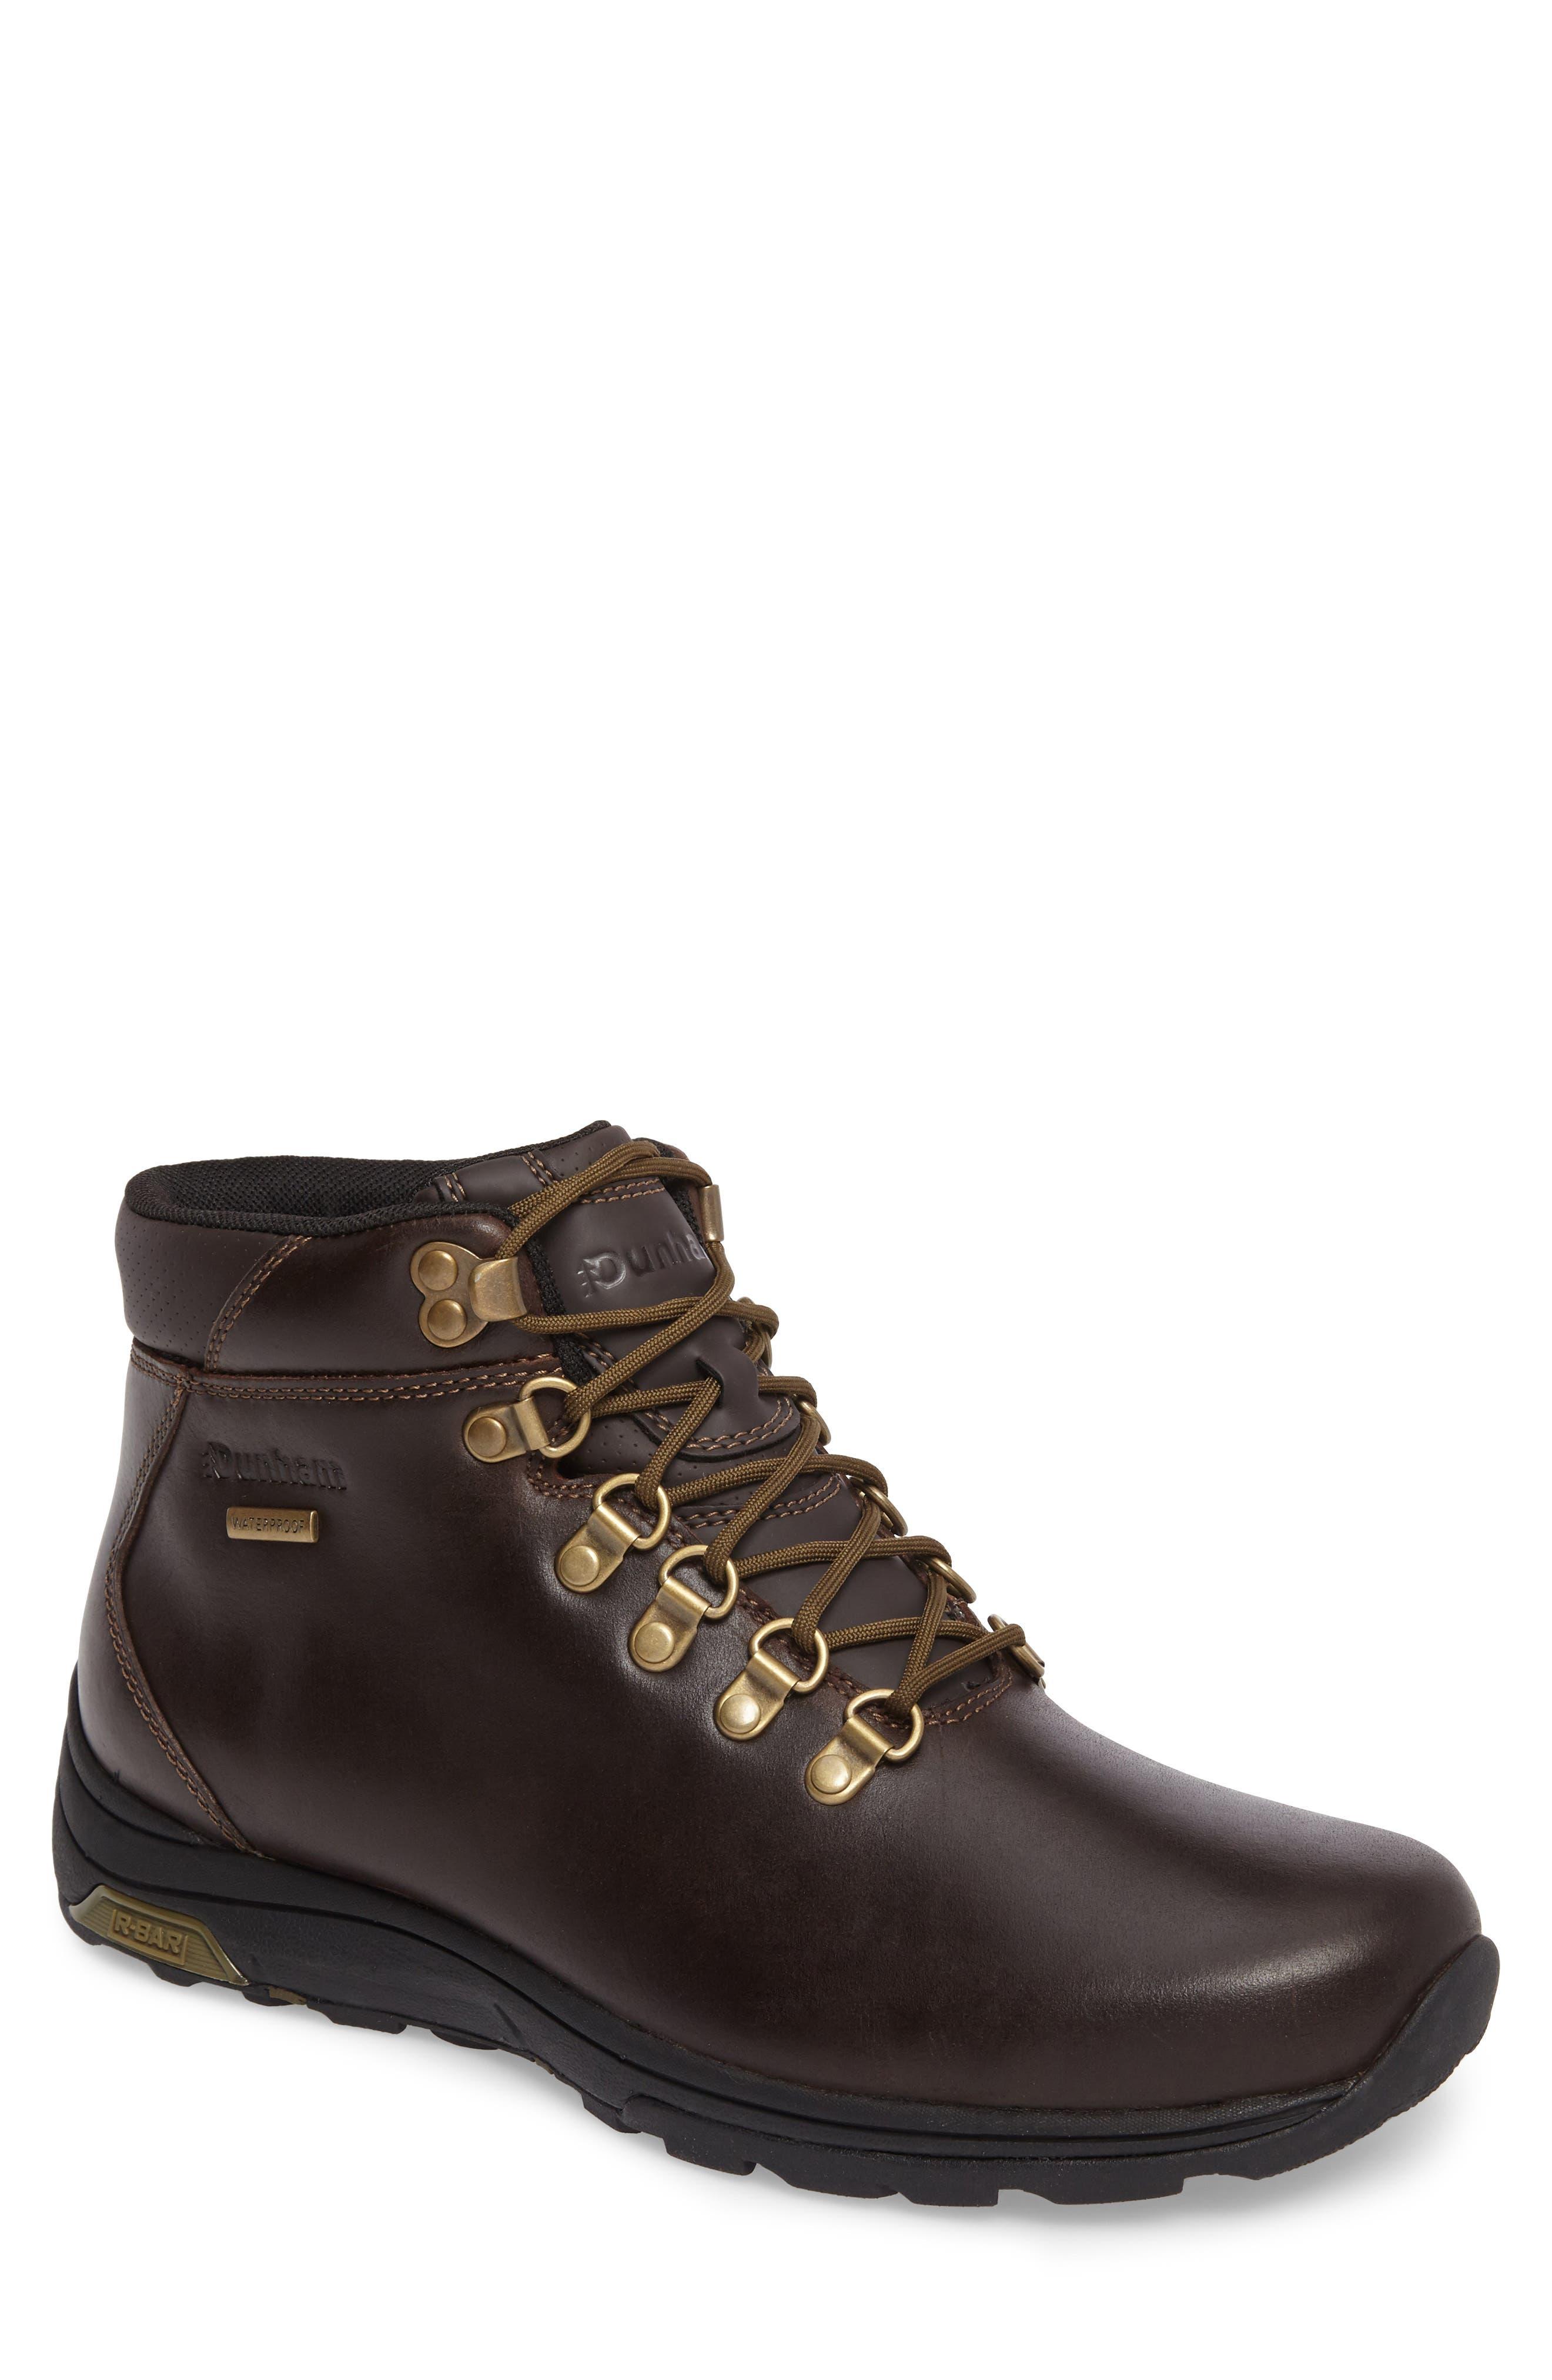 Trukka Waterproof Boot,                             Main thumbnail 1, color,                             Brown